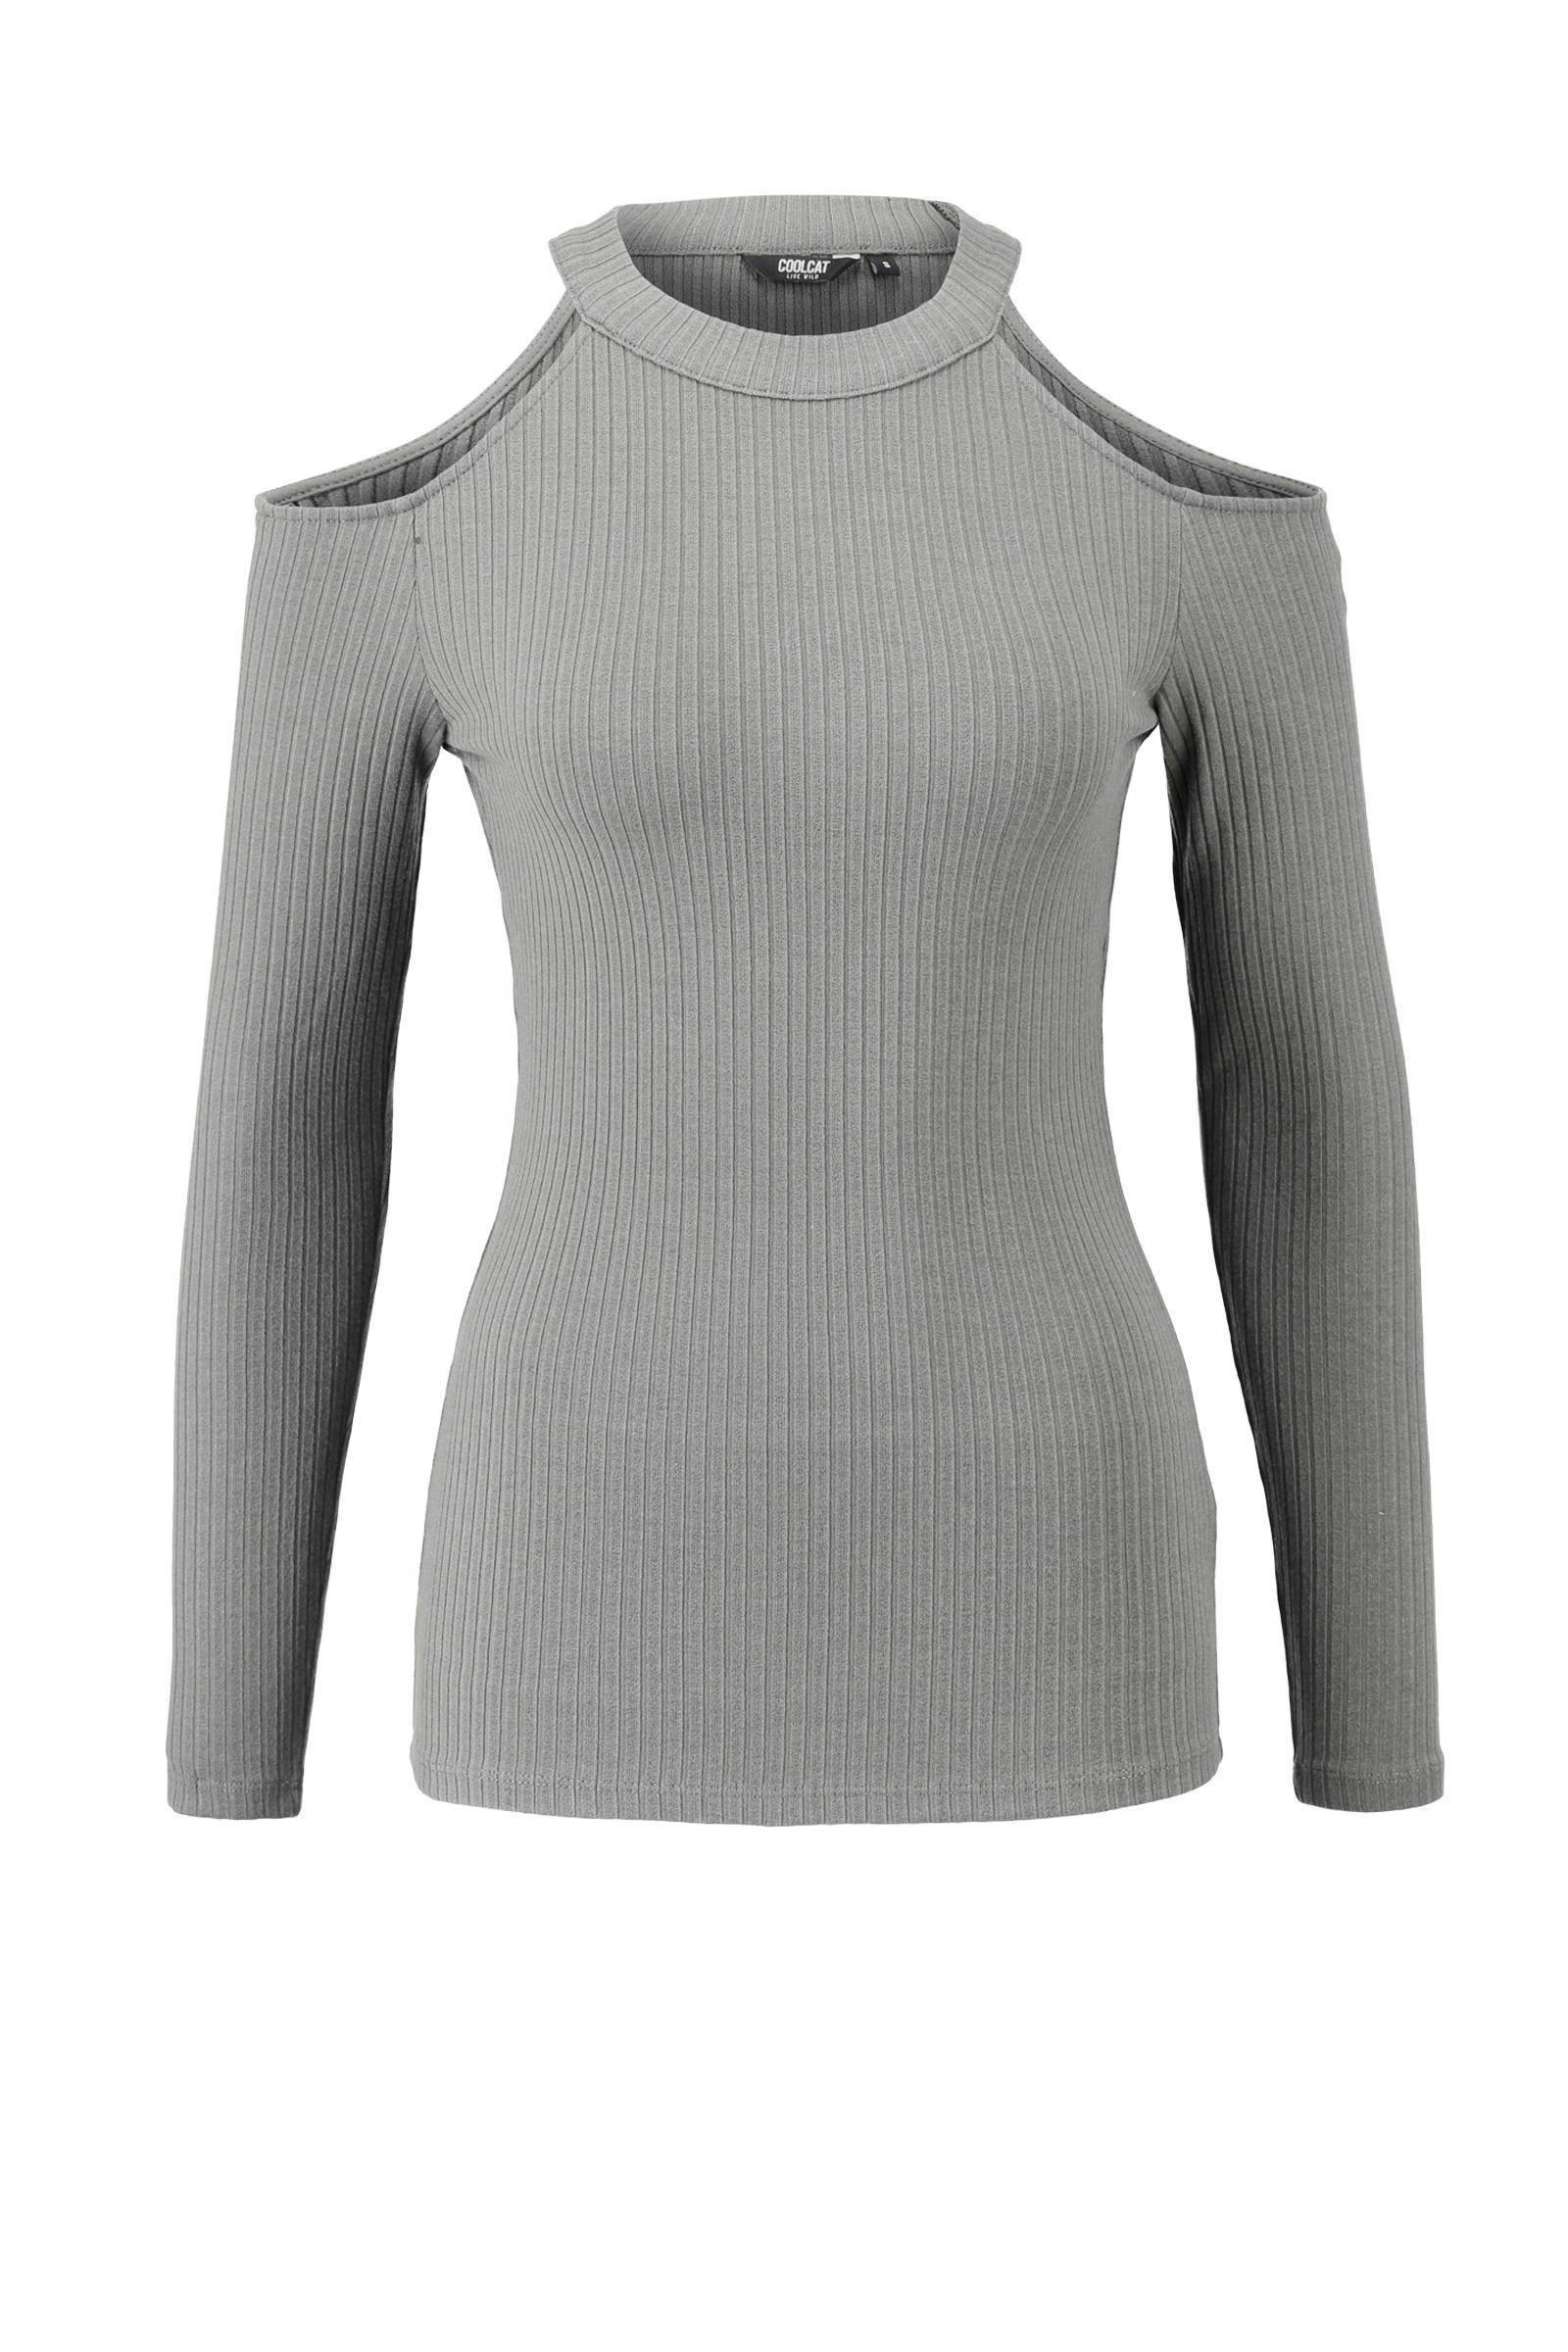 CoolCat open shoulder trui | wehkamp